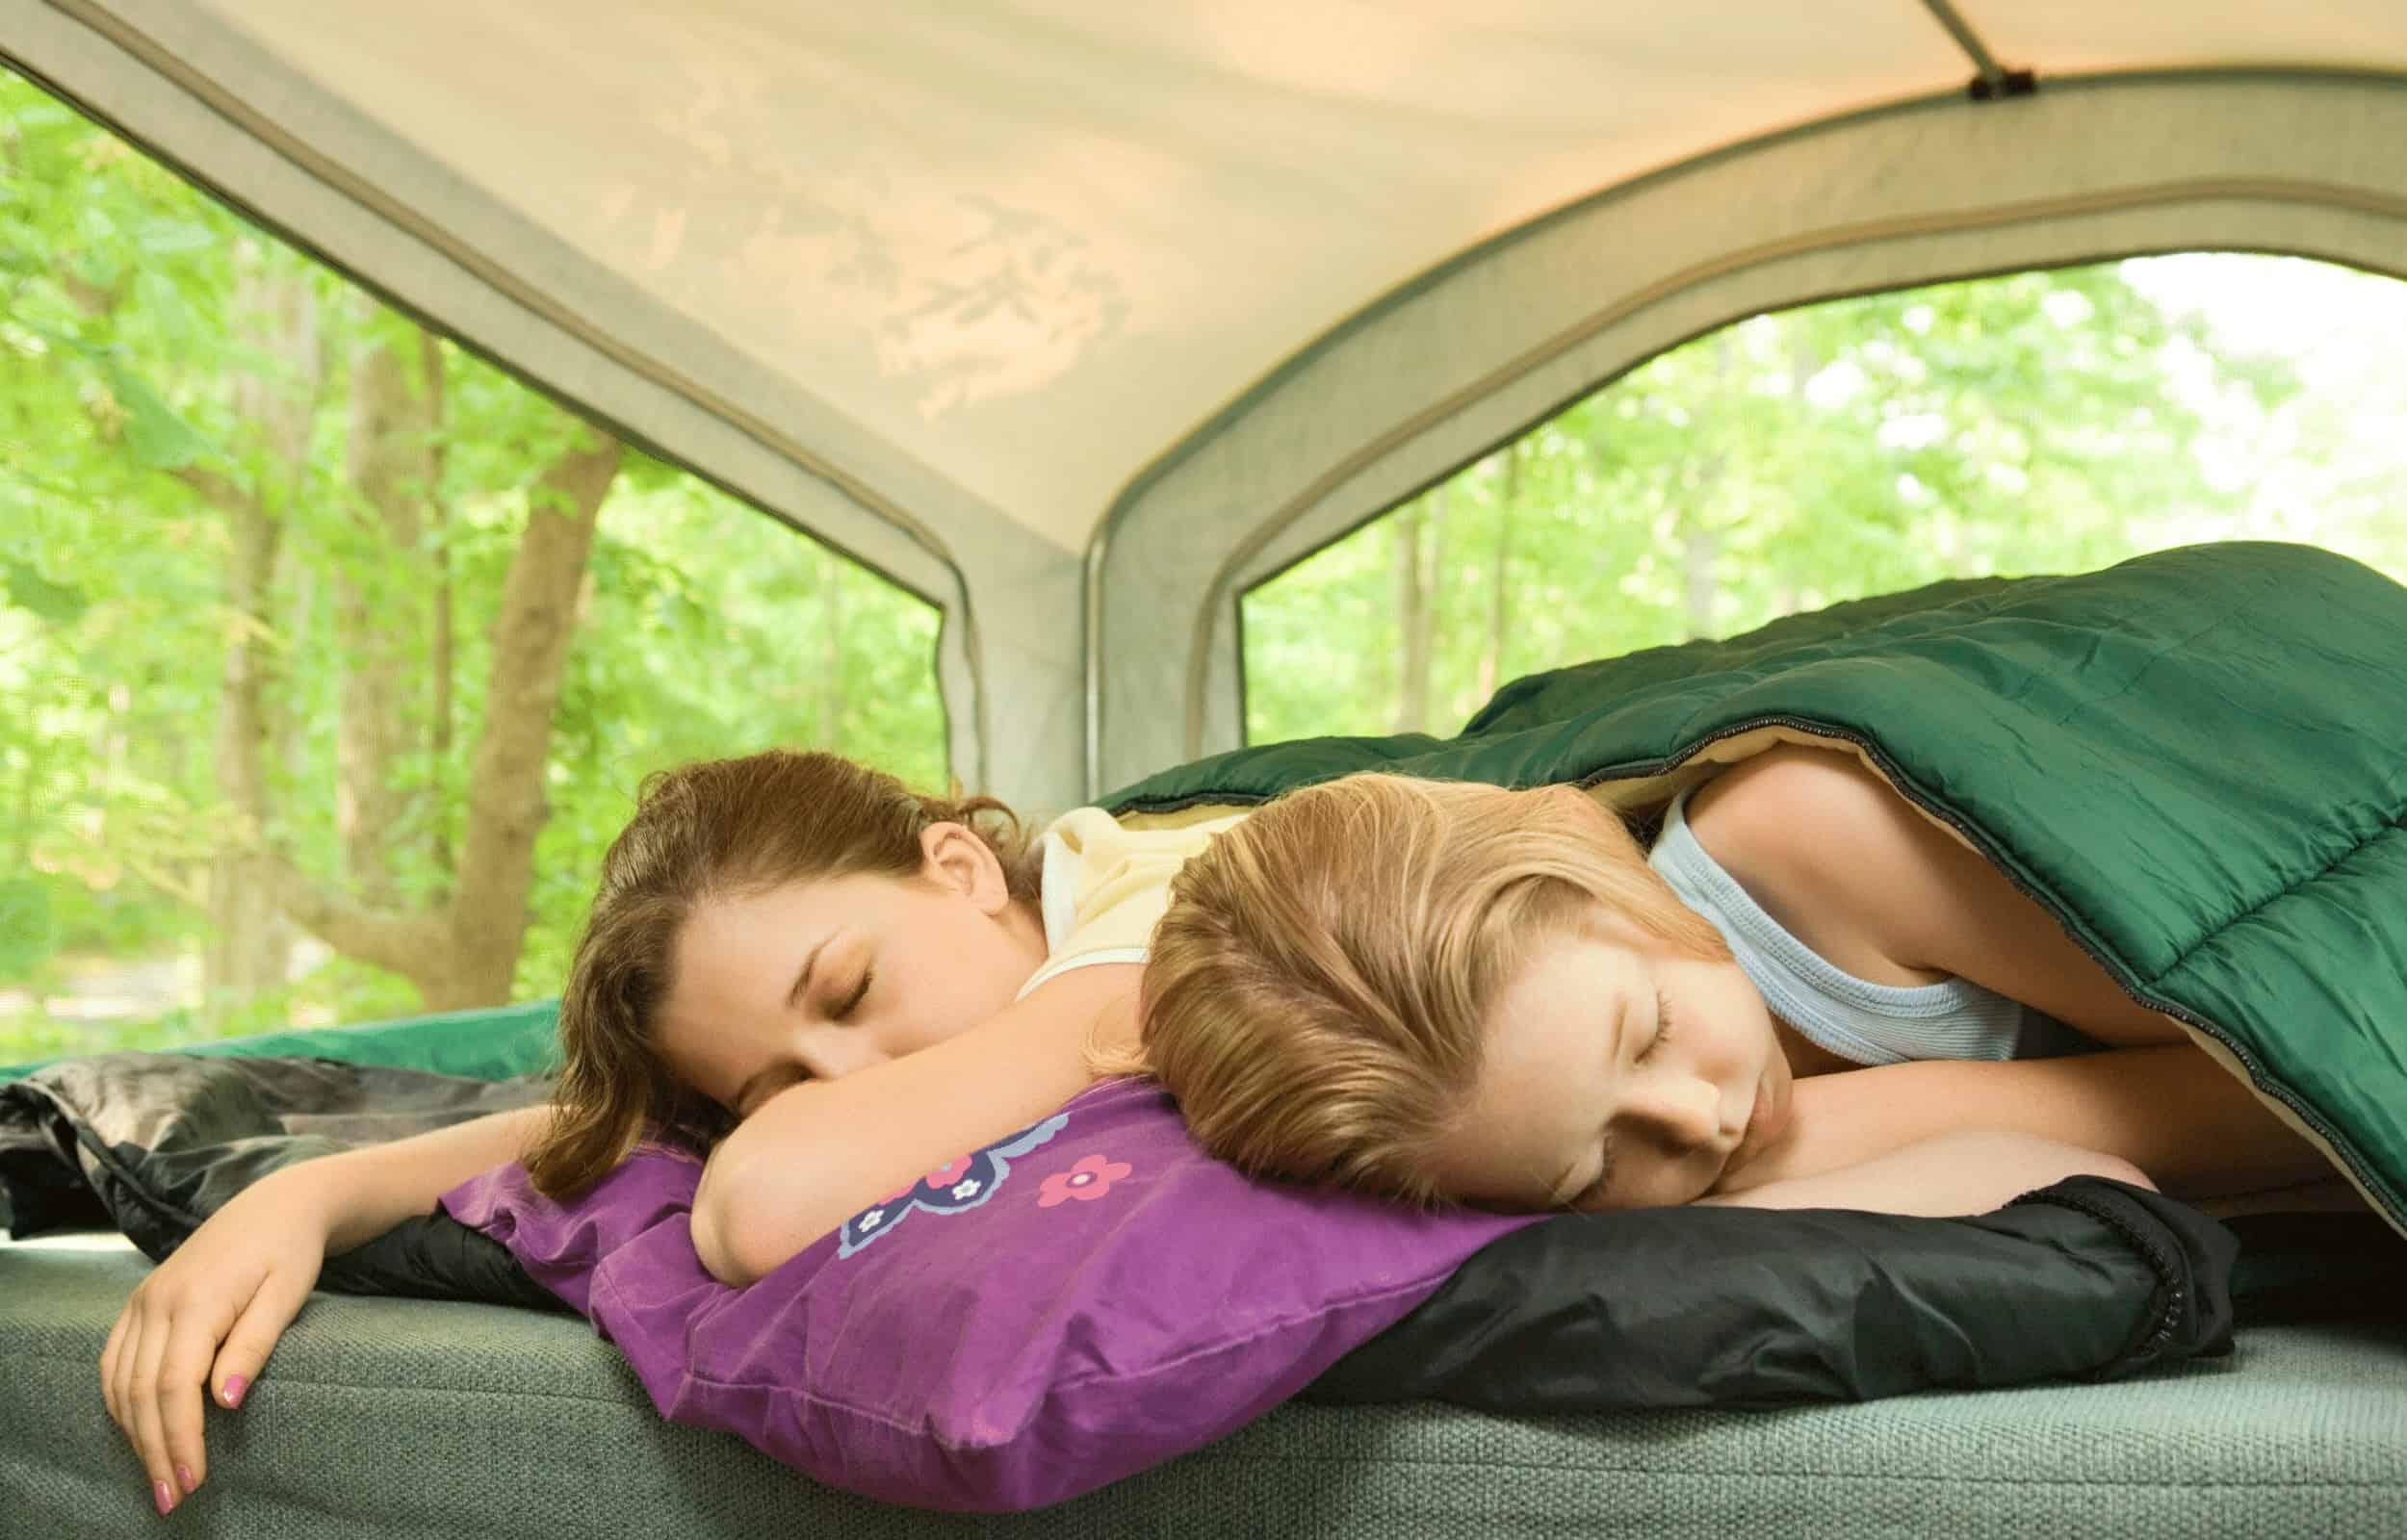 Opt Outdoor best camping cot tent sleep